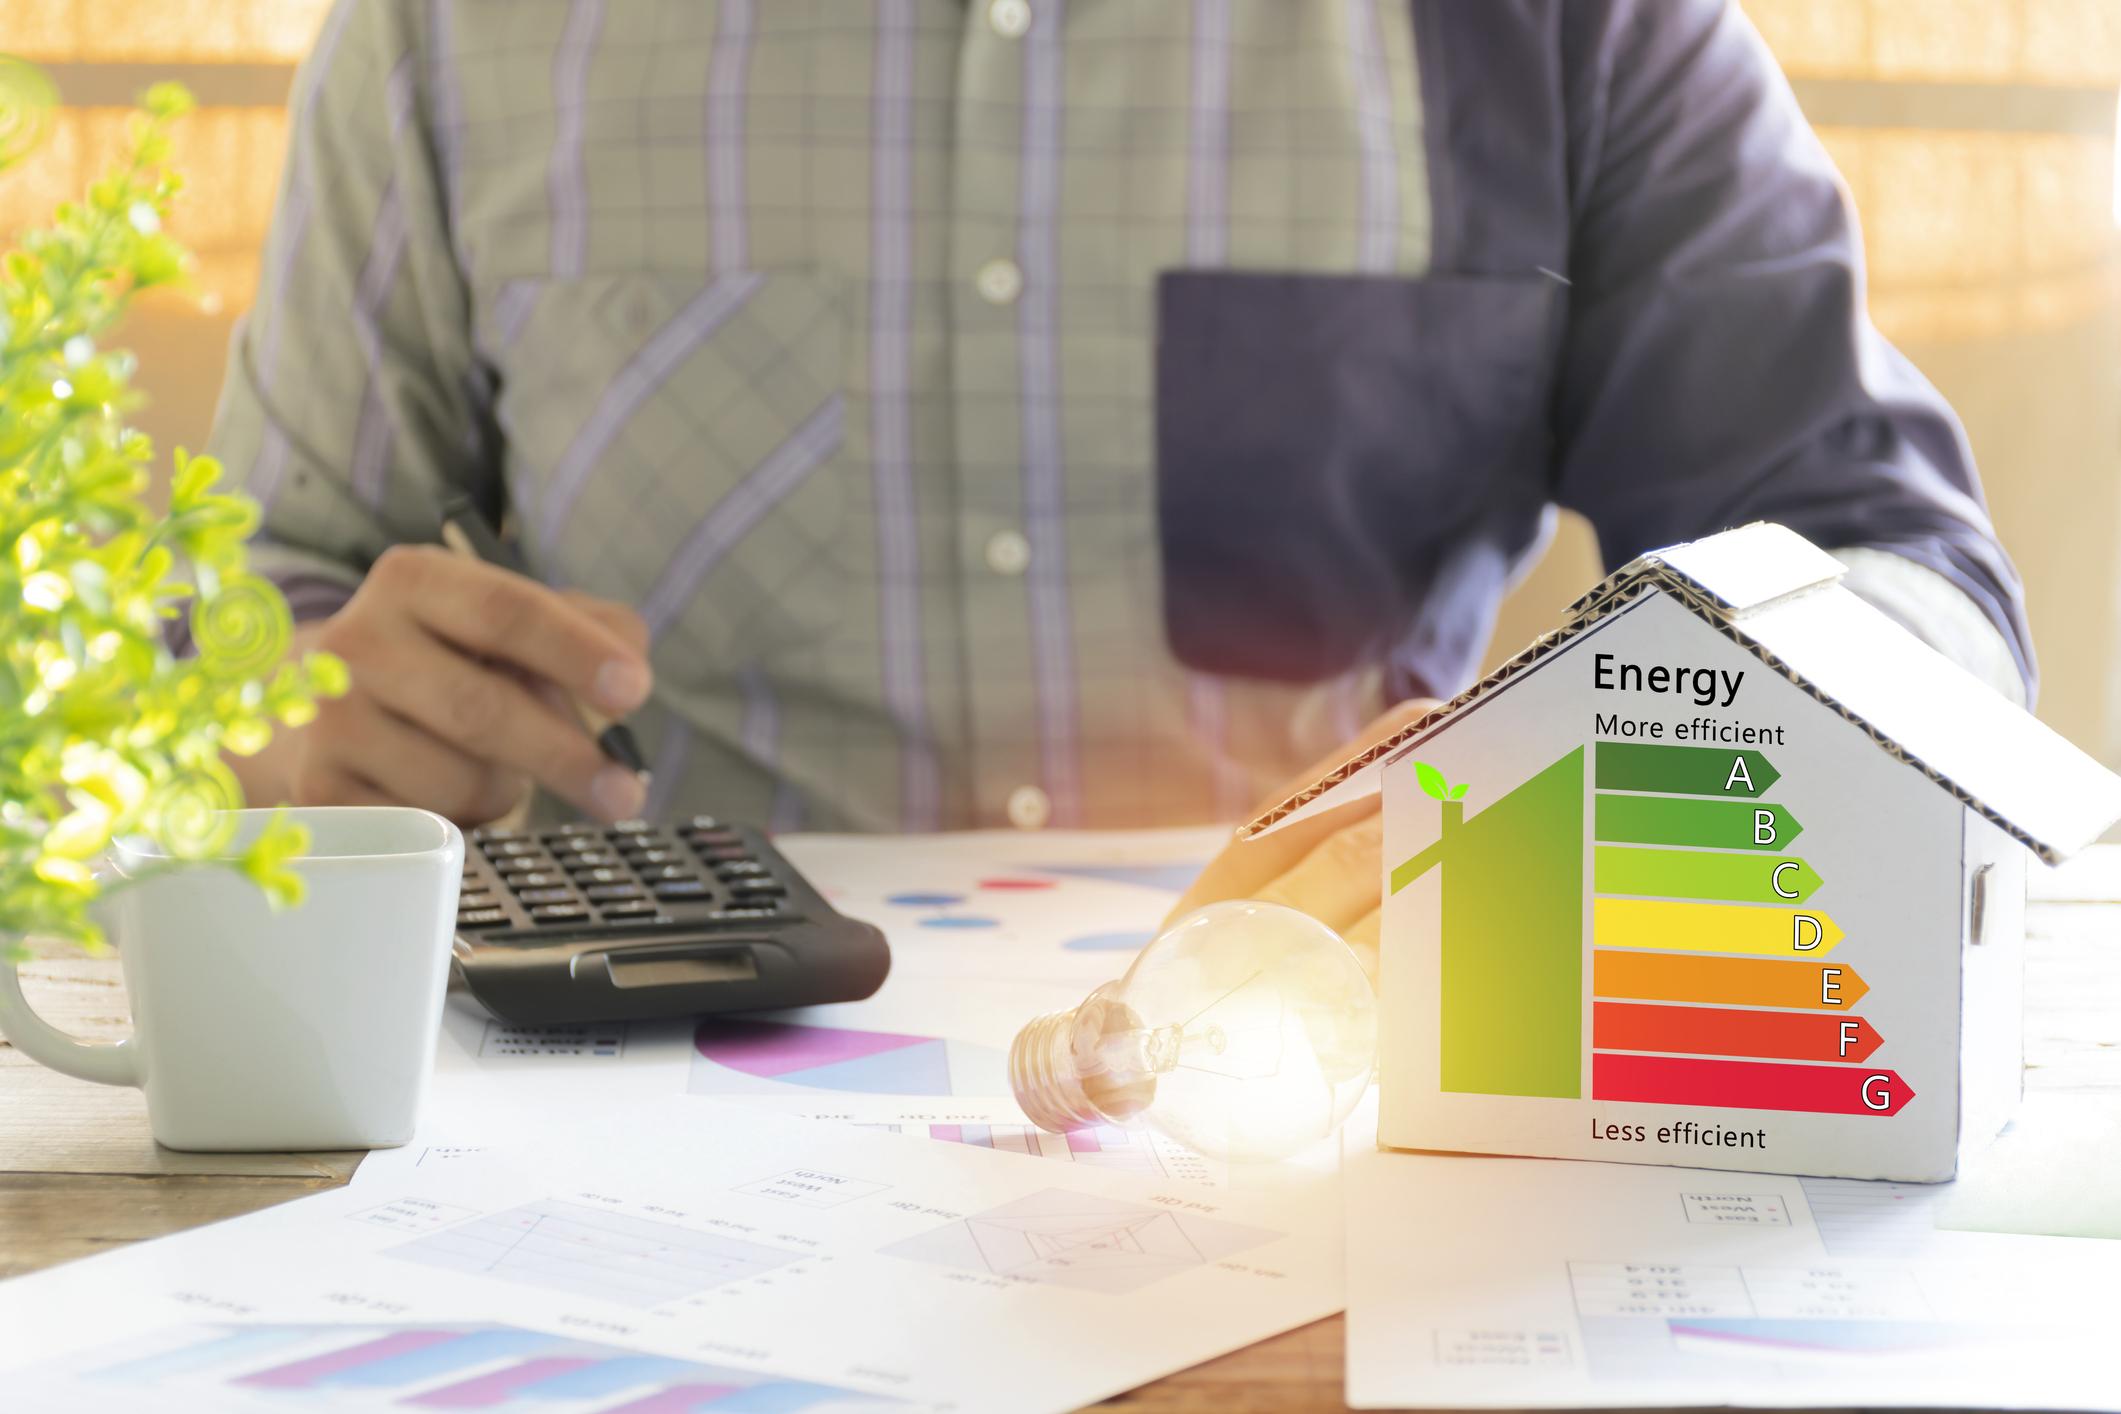 Certificat PEB de performance énergétique du bâtiment